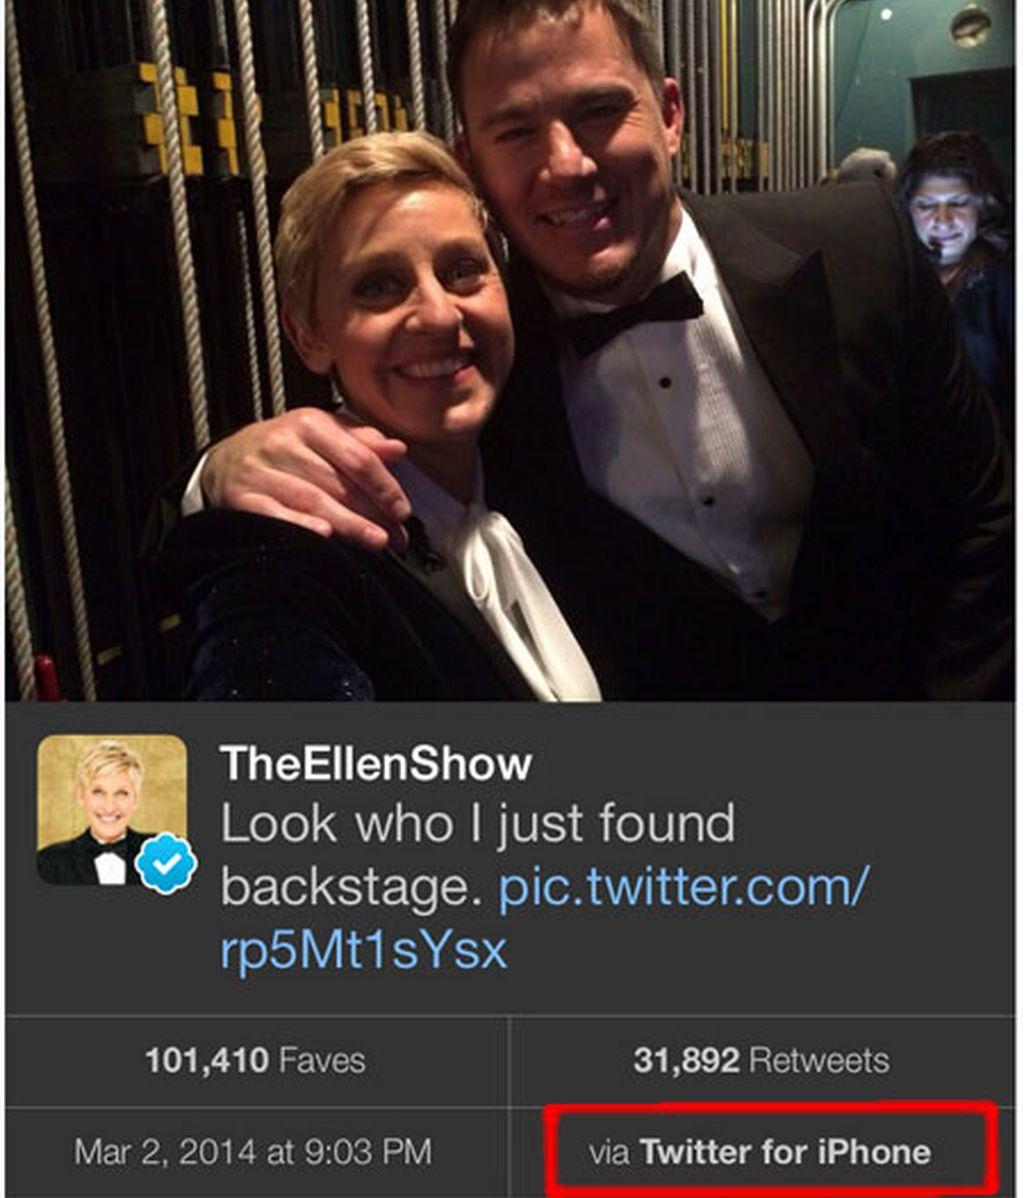 tuit,Twitter,tuitea,Ellen deGeneres,Samsung